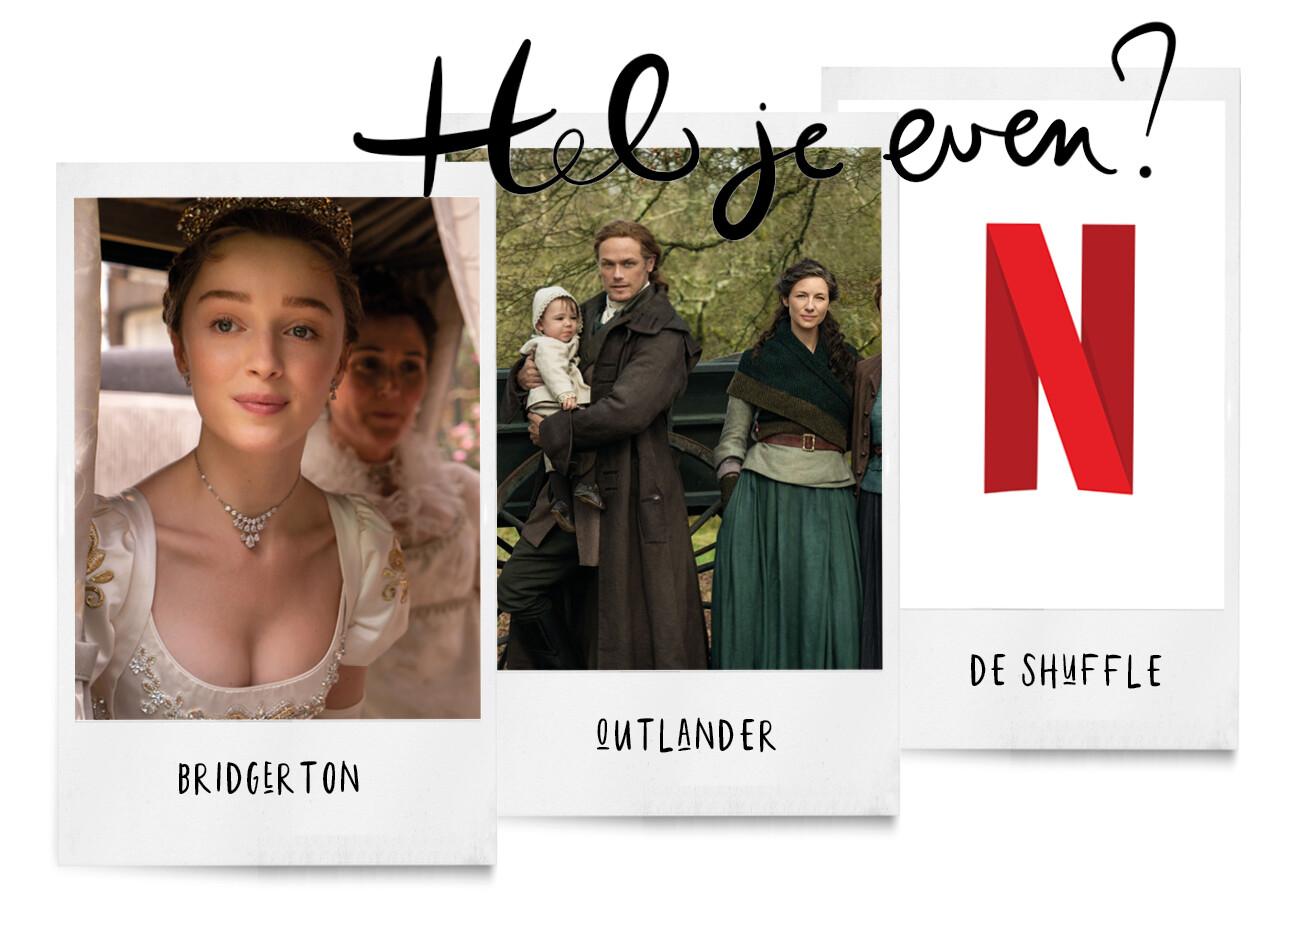 Netflixnieuws: kijken met de shuffleknop en Bridgerton seizoen 2